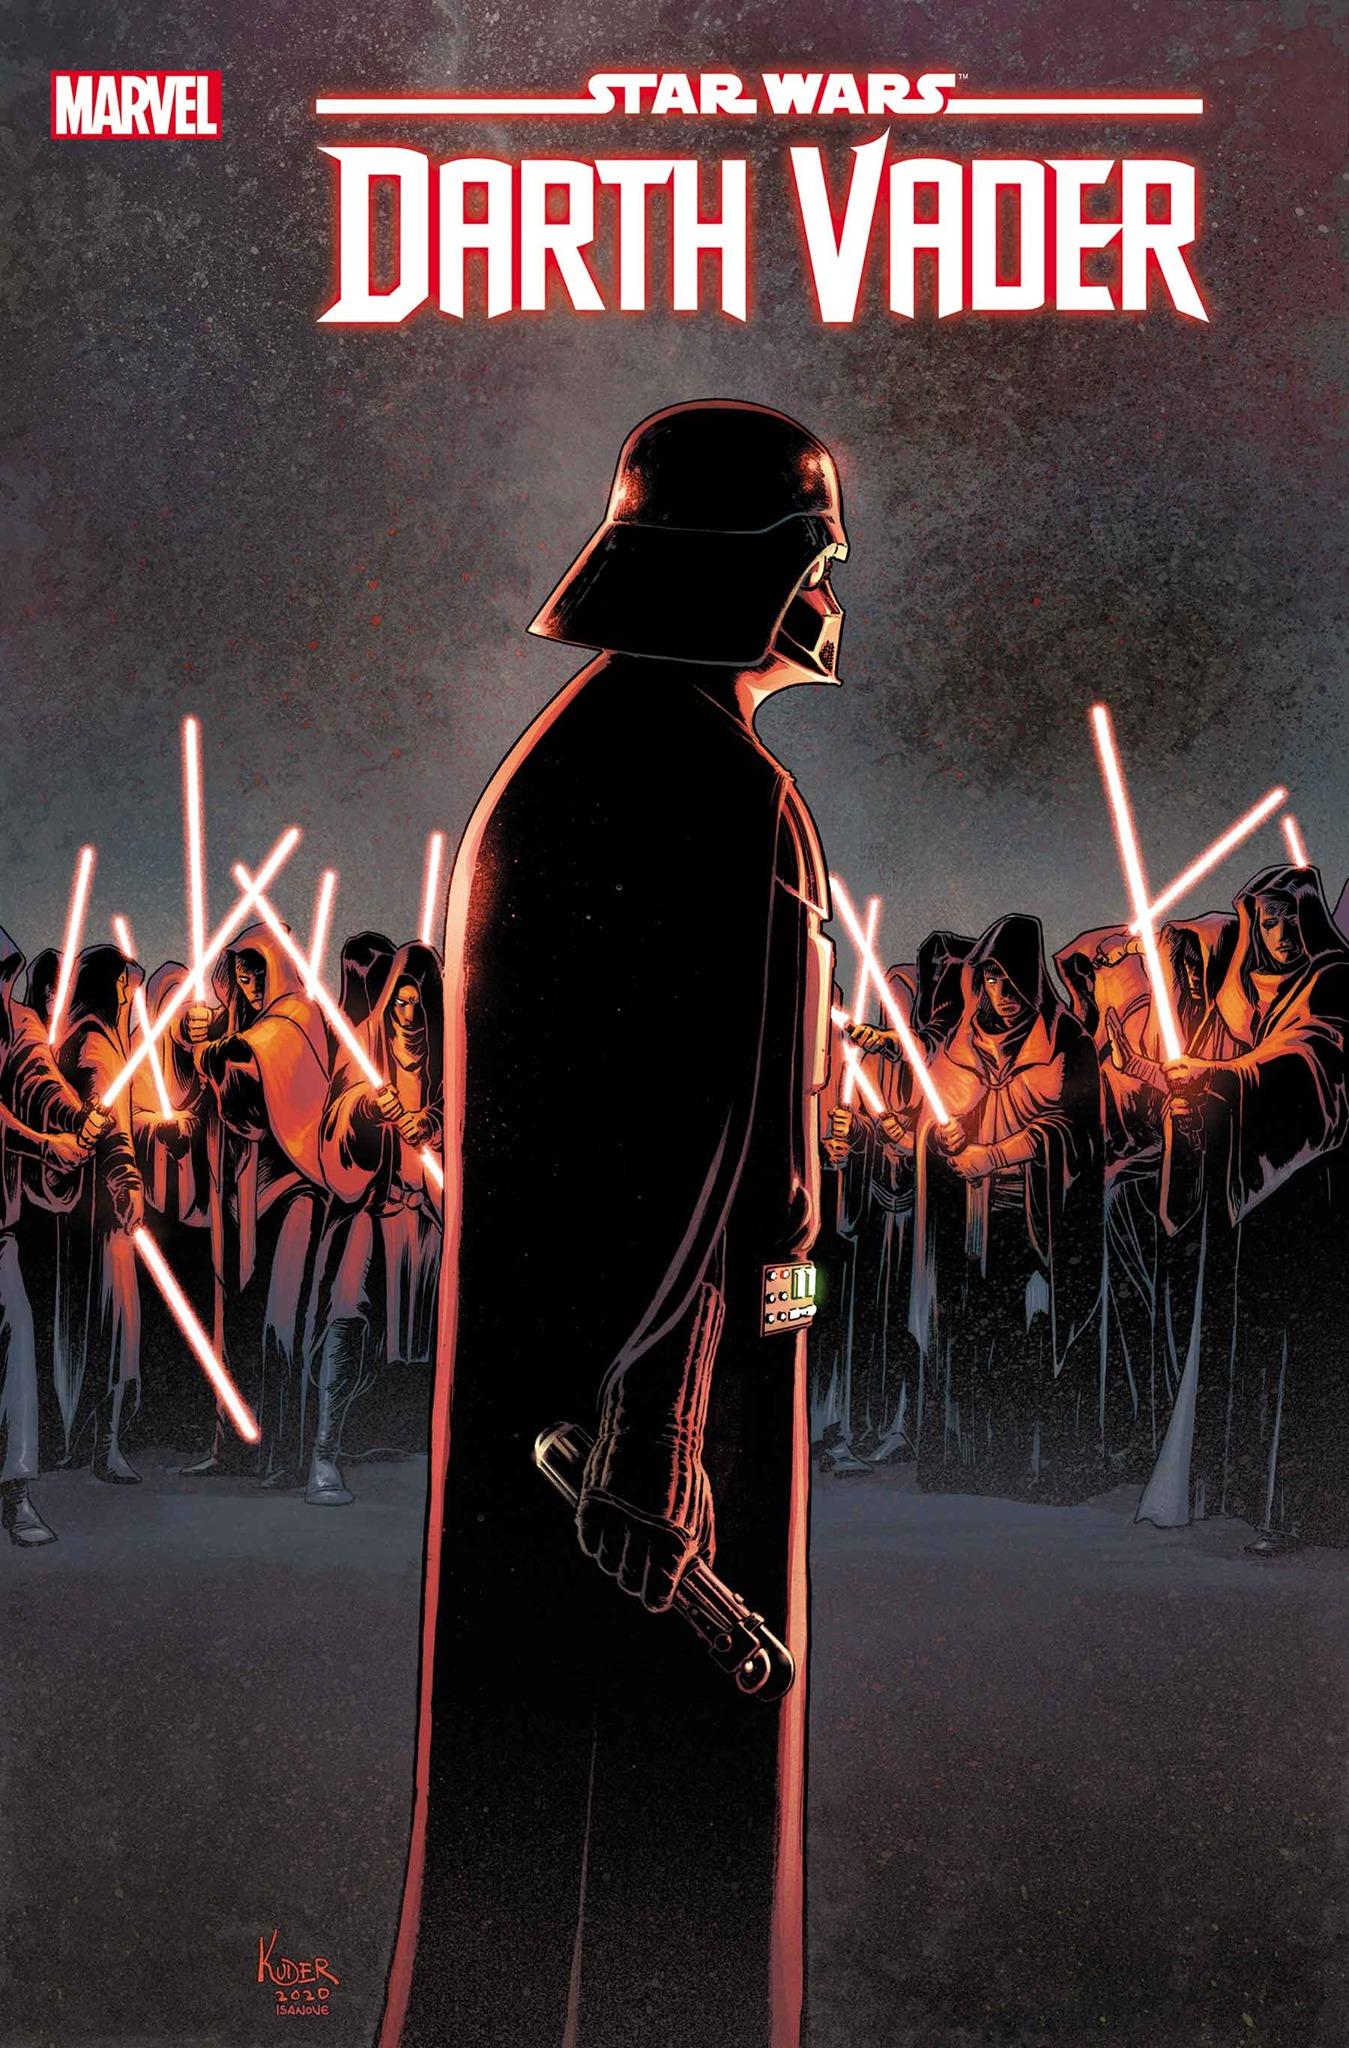 Star Wars: Darth Vader: Exegol